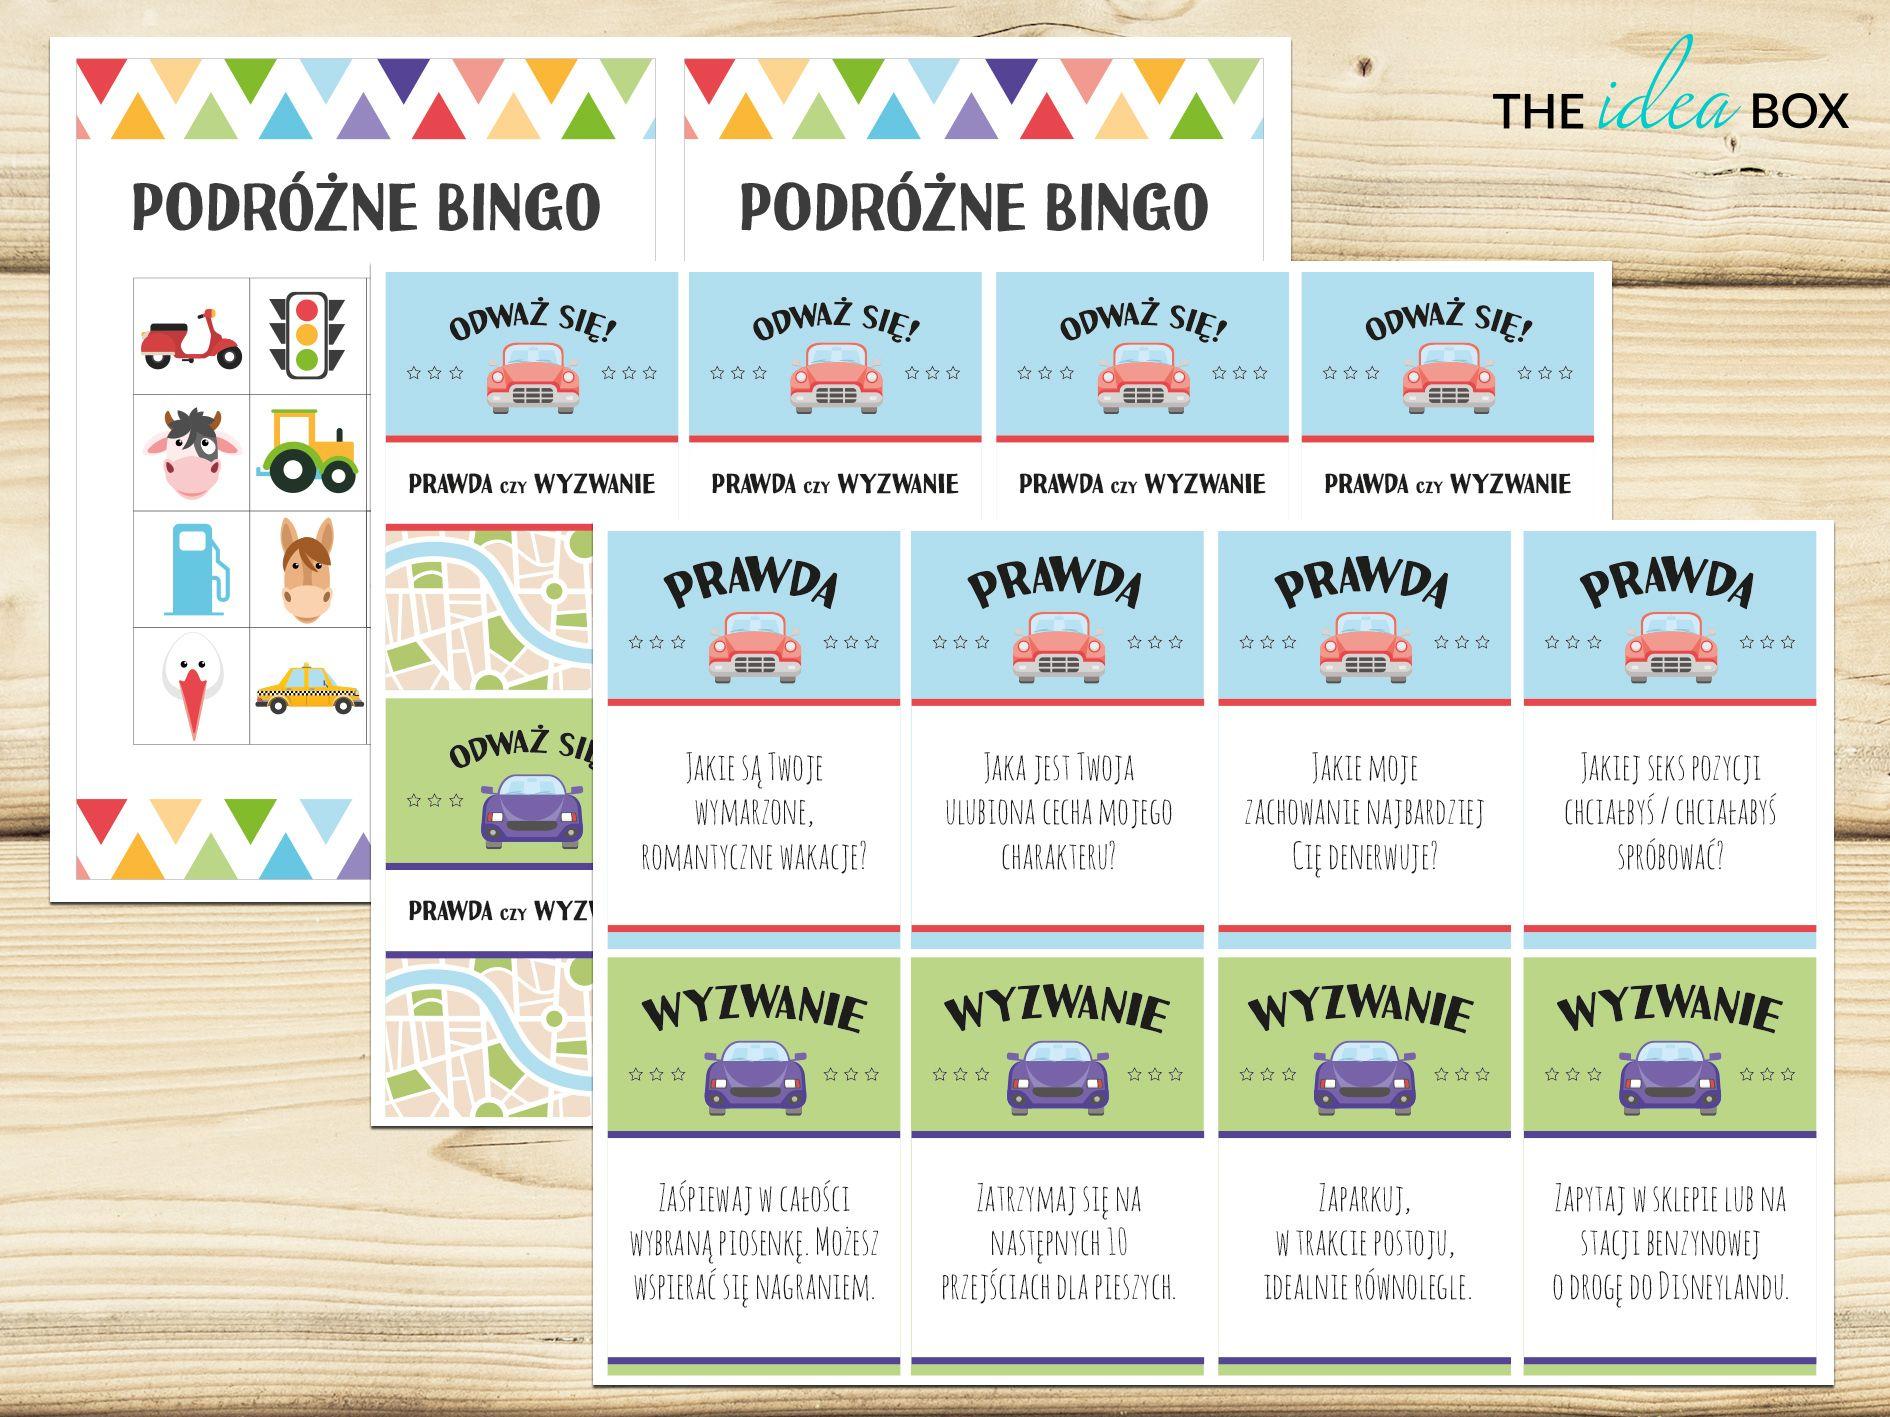 Zestaw Podrozne Bingo I Gra Prawda Czy Wyzwanie Pochodza Z Naszego Wpisu O Grach I Zabawach Do Auta Do Przeczytania Na Naszym Blogu Zapra Bingo Party Map